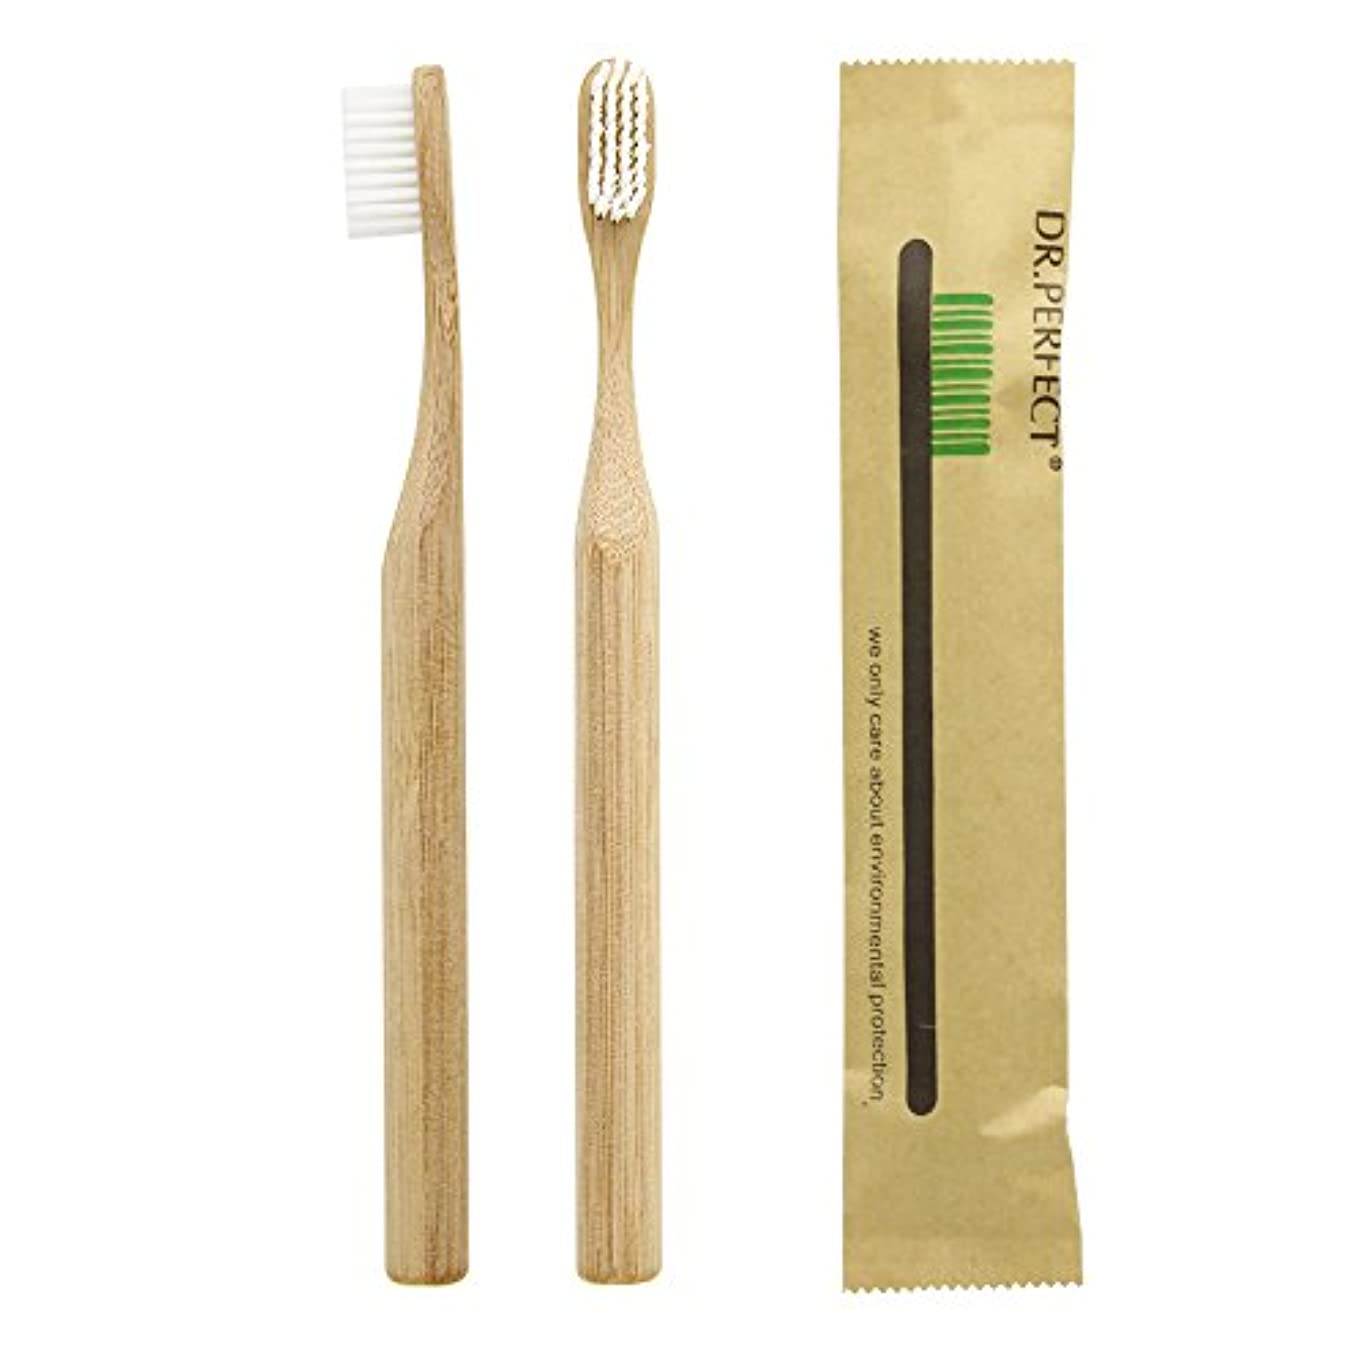 寄稿者ライブボックスDr.Perfect Bamboo Toothbrush アダルト竹の歯ブラシ ナイロン毛 環境にやさしい製品 (ホワイト)